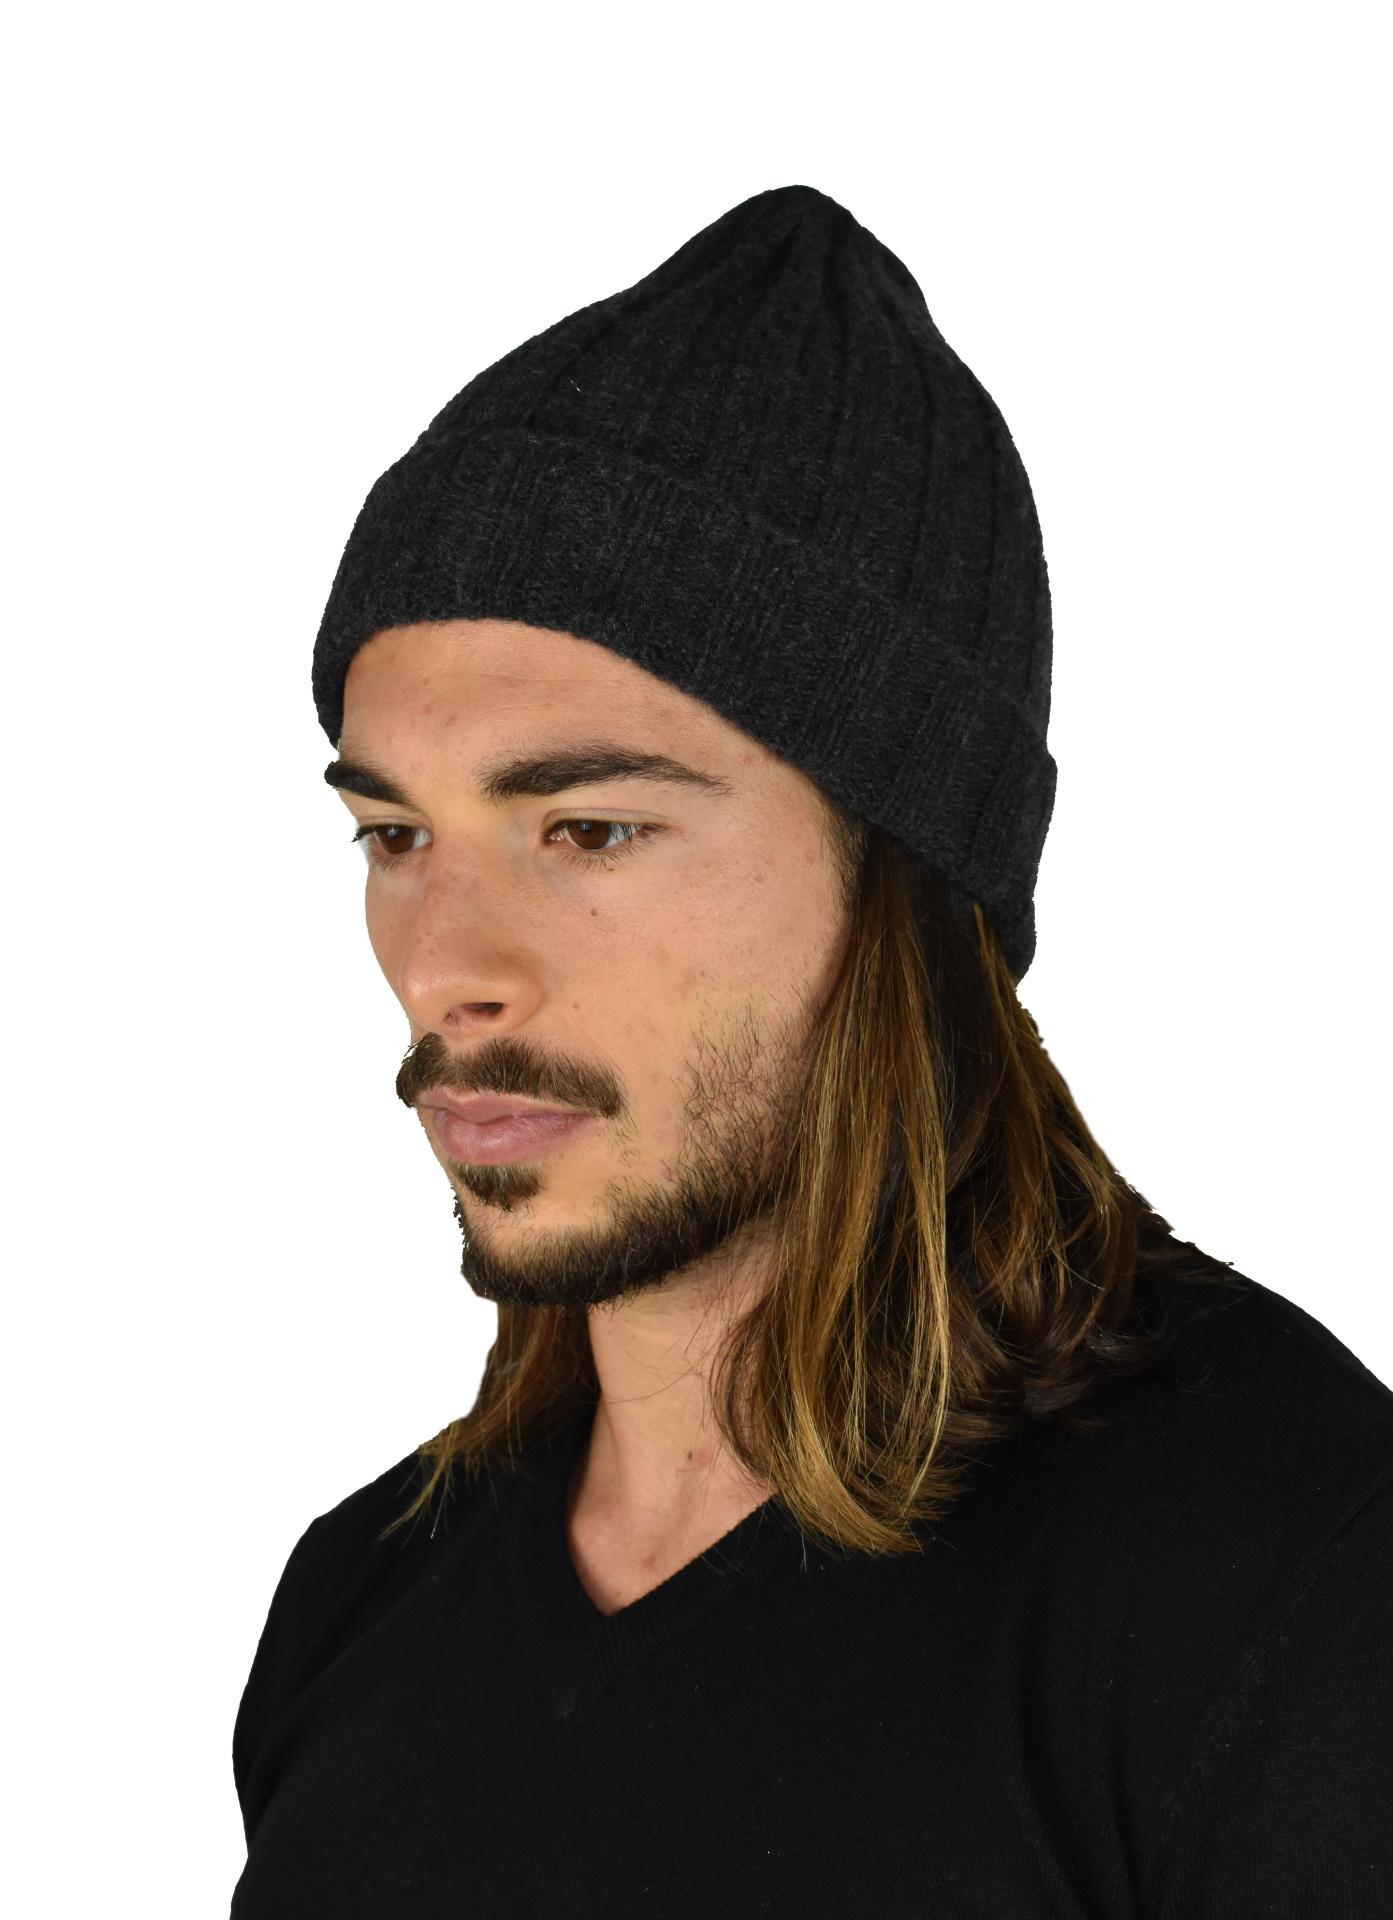 HENRYDARIO ANTRACITE CAPPELLINO UOMO 100 PURO CASHMERE 1 1stAmerican cappellino 100% puro cashmere Made in Italy da uomo - caldo berretto invernale a coste larghe